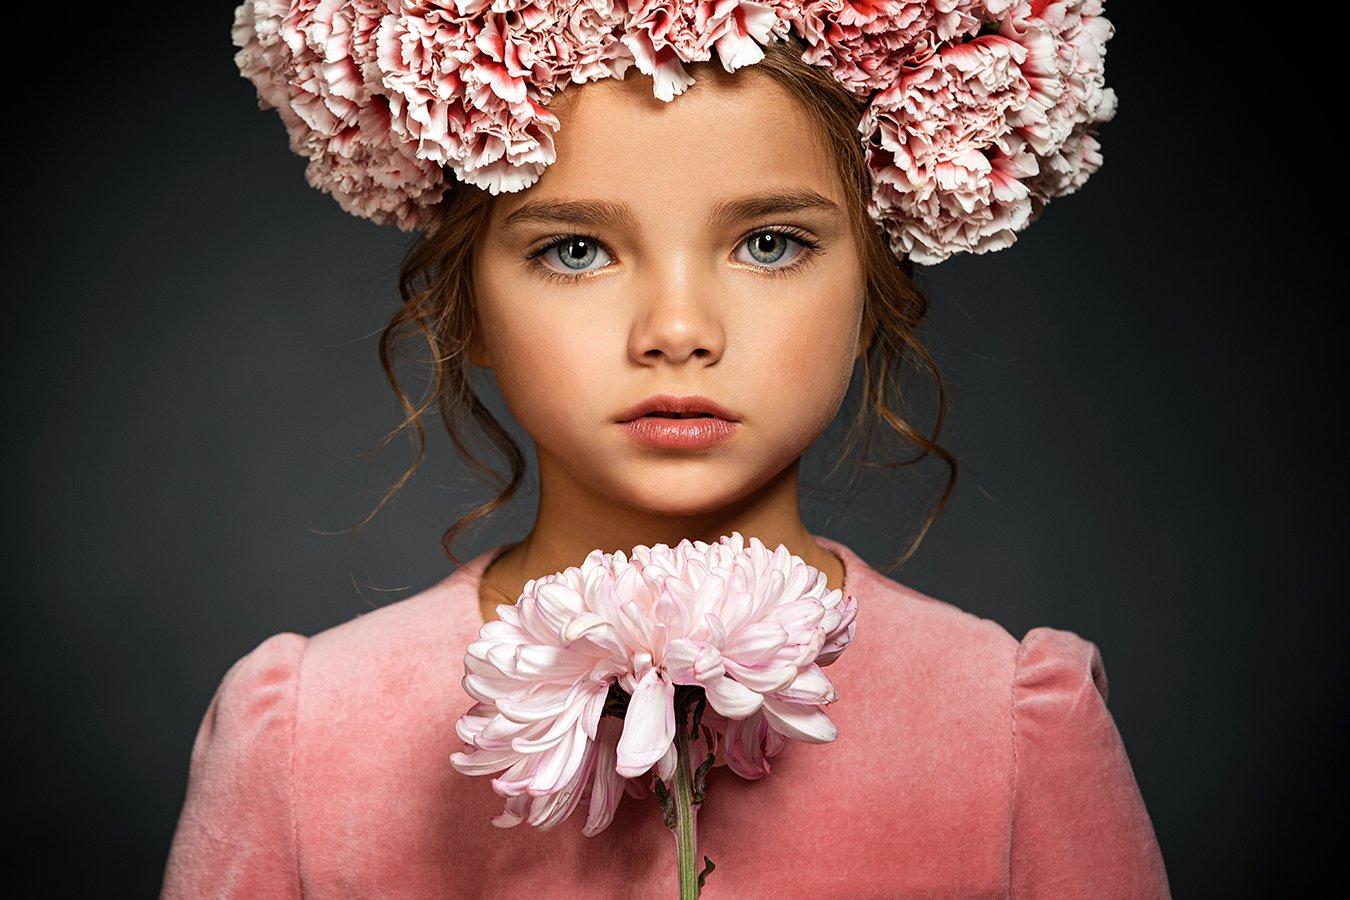 девушка, портрет, girl, portrait, ребенок, цветок, Тимофей Смирнов